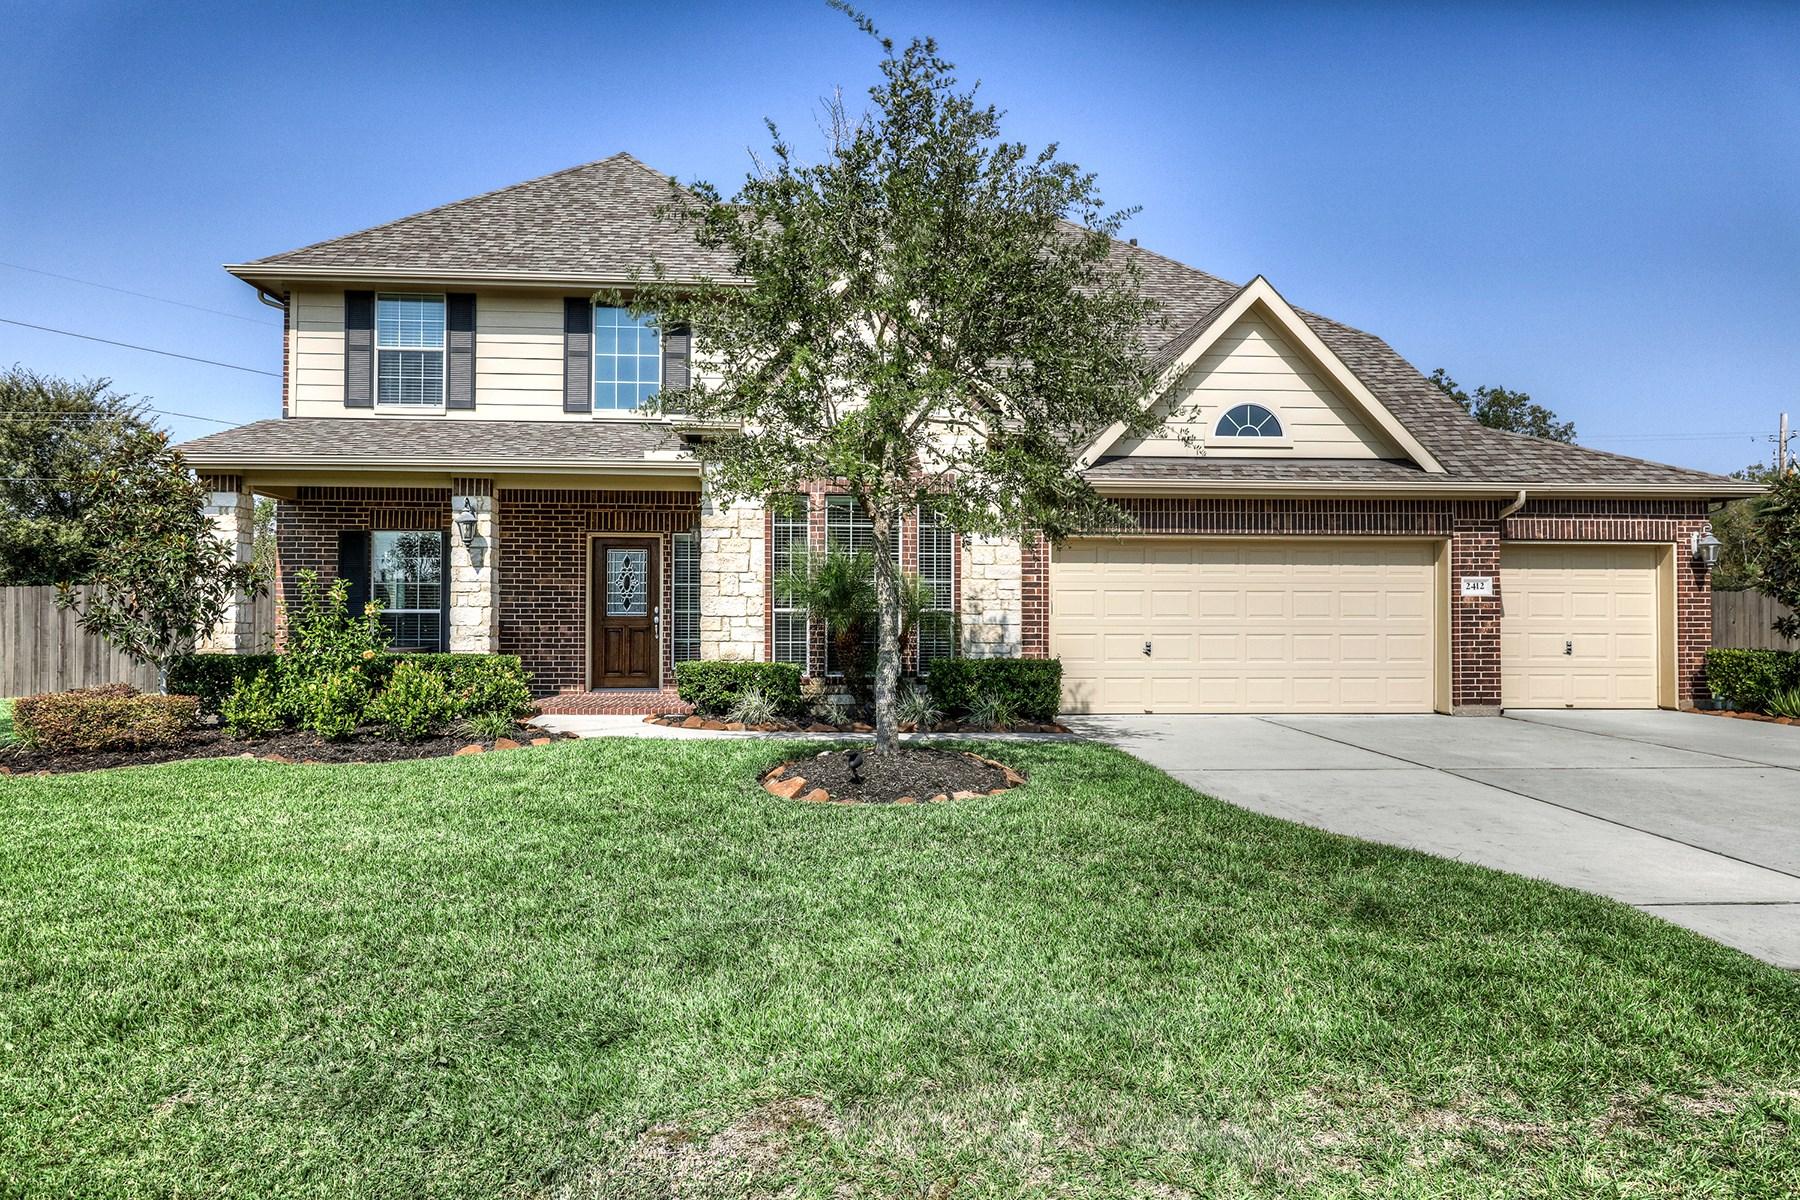 Maison unifamiliale pour l Vente à 2412 Lakeway Drive Friendswood, Texas 77546 États-Unis